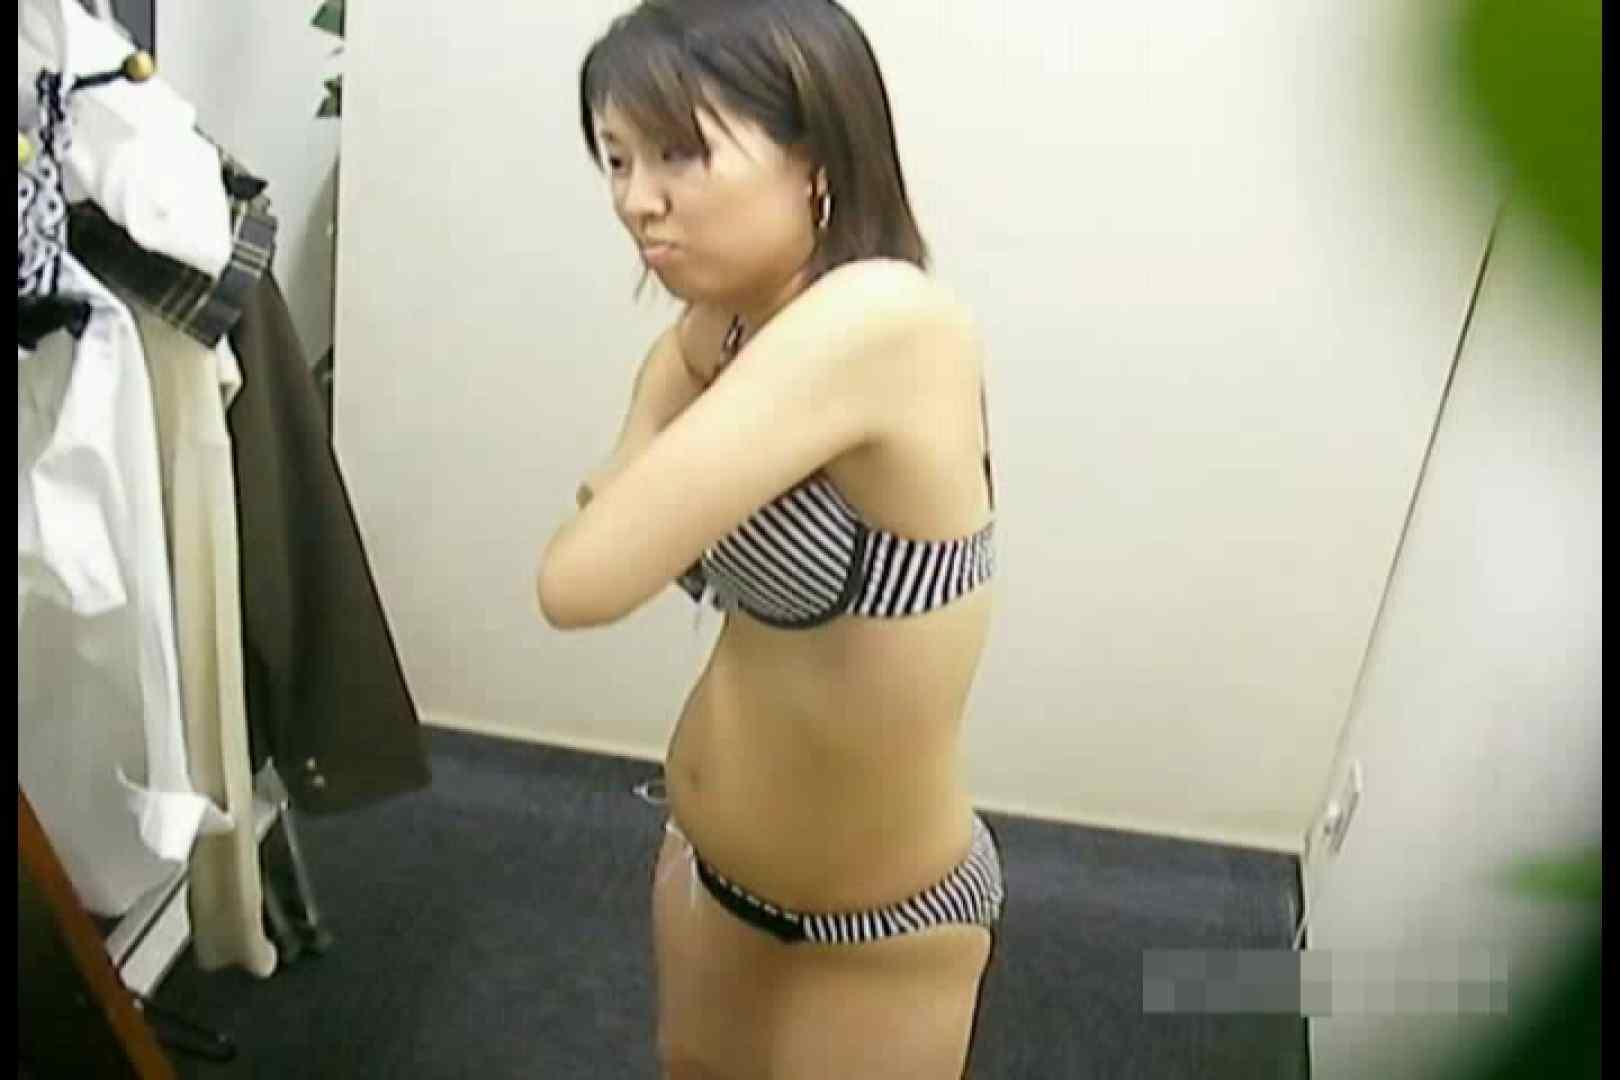 素人撮影 下着だけの撮影のはずが・・・ちか26歳 素人 エロ無料画像 36連発 20